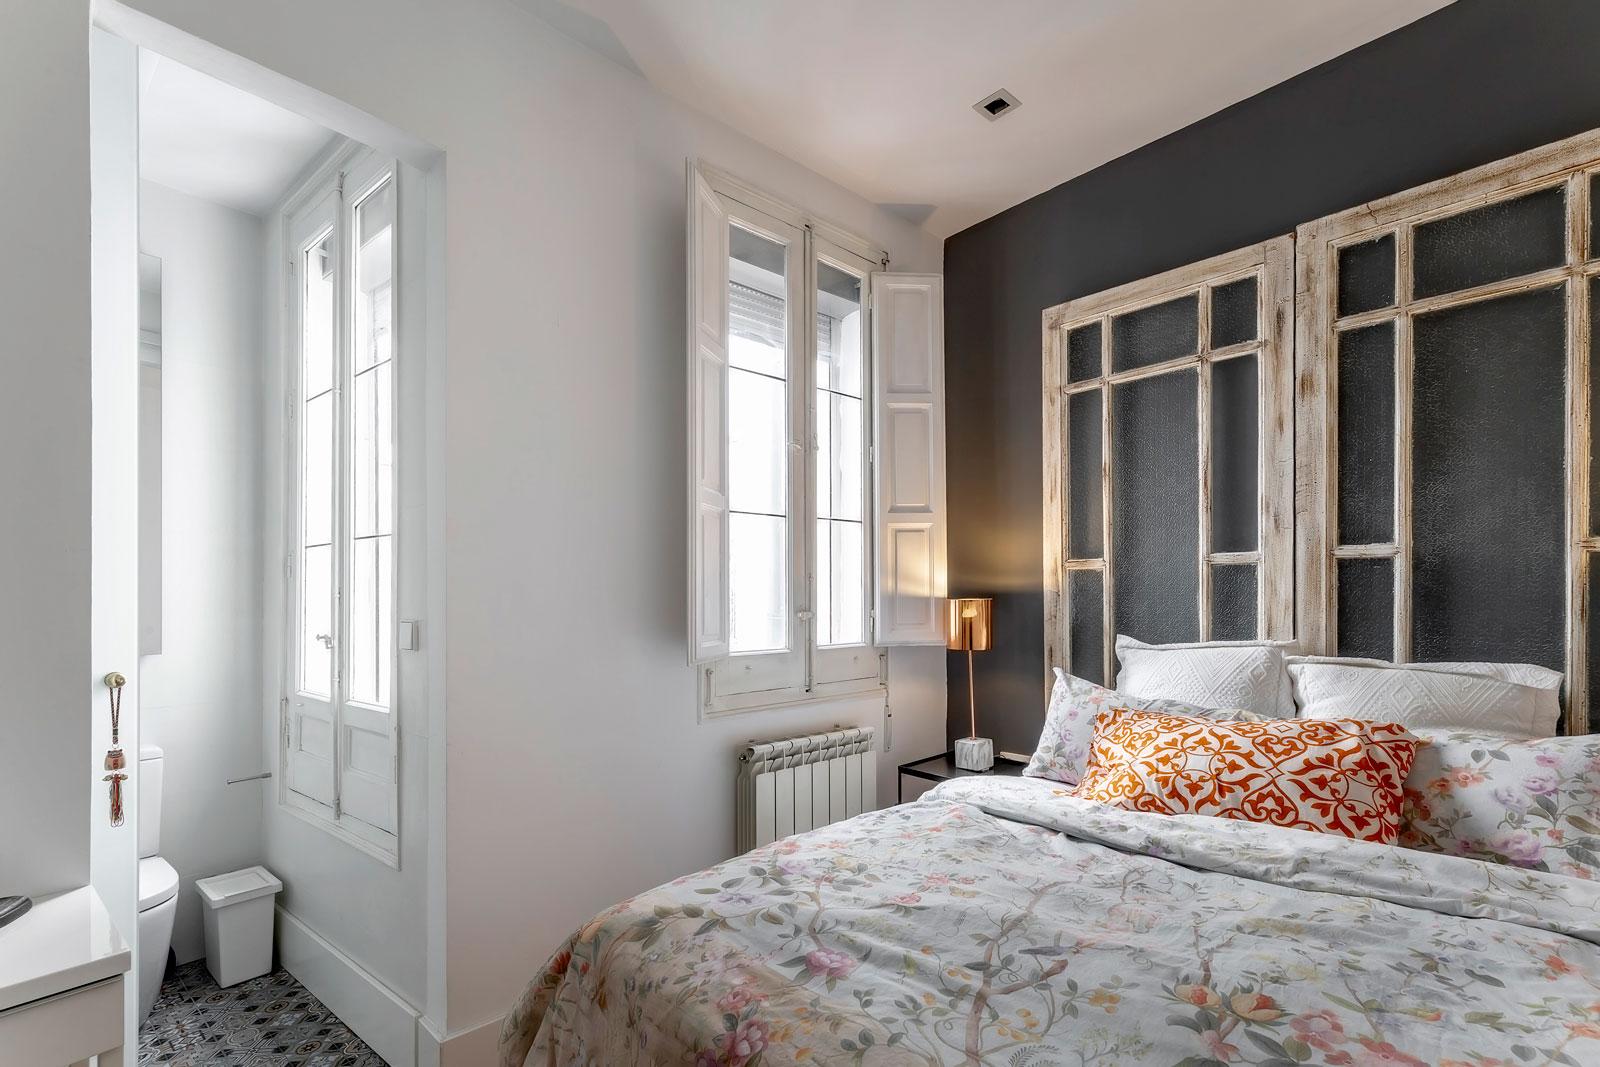 puertas-cabecero-cama-minipiso-centro-madrid-pard-gris-